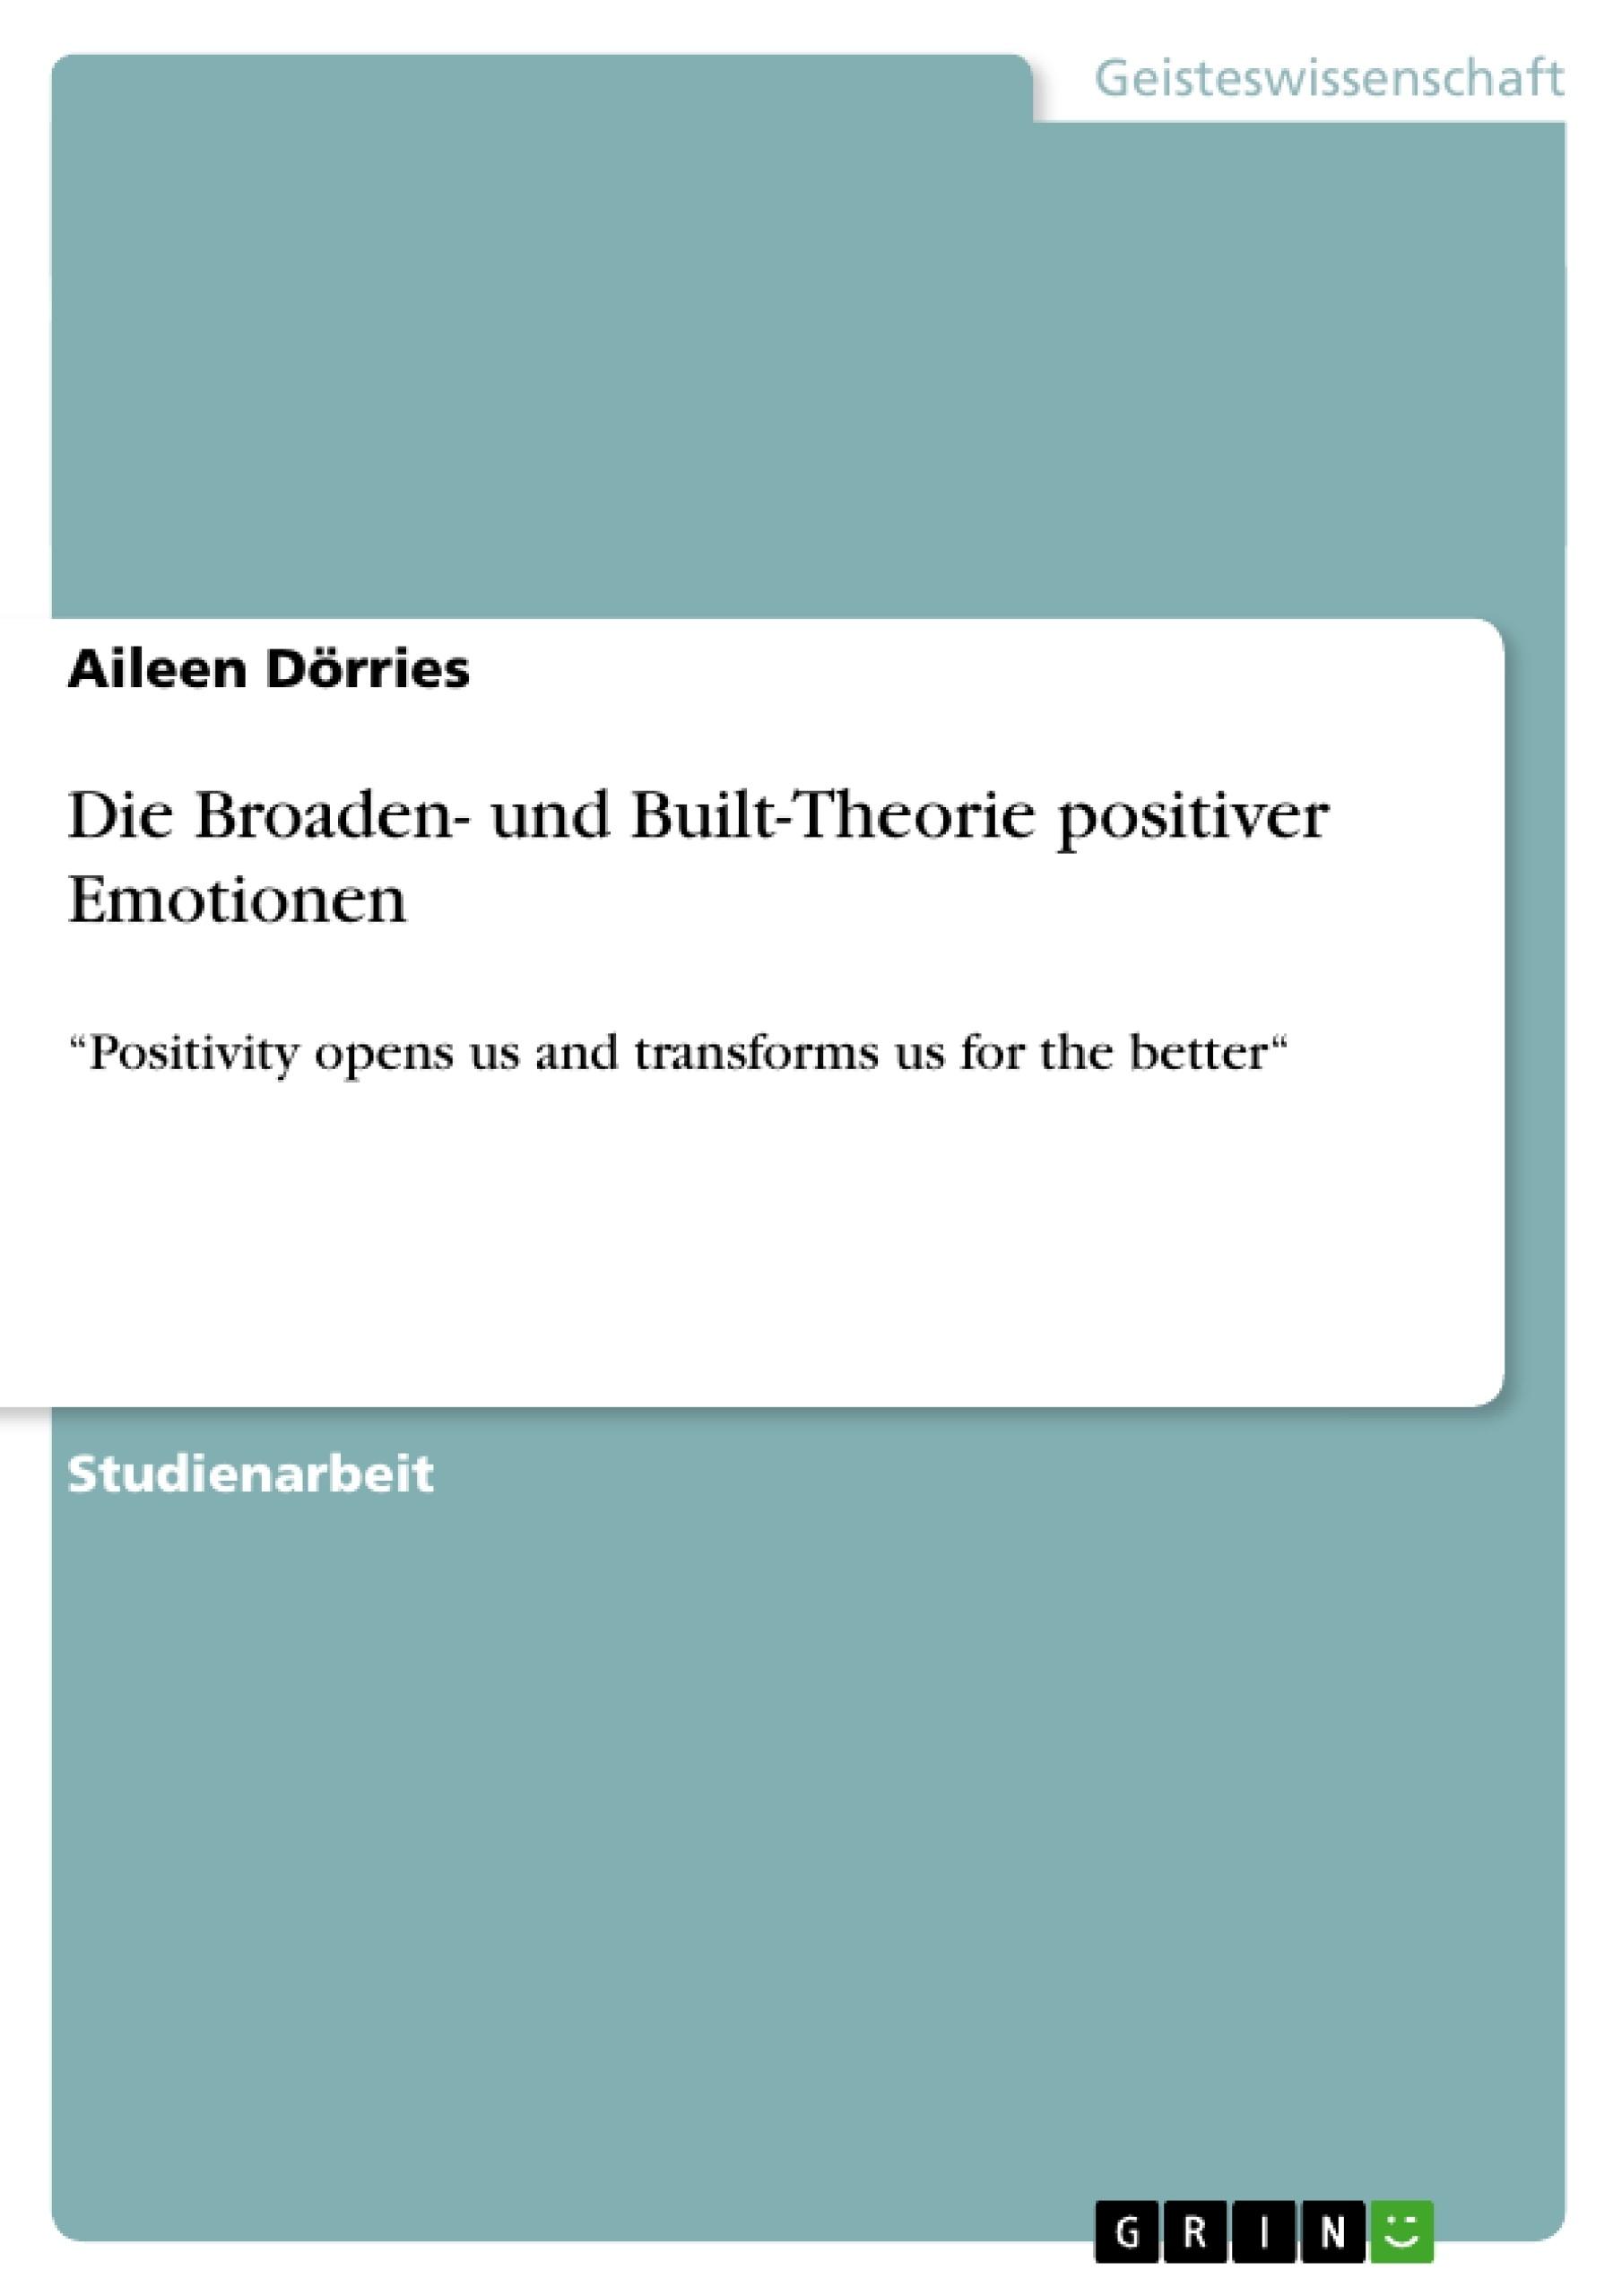 Titel: Die Broaden- und Built-Theorie positiver Emotionen